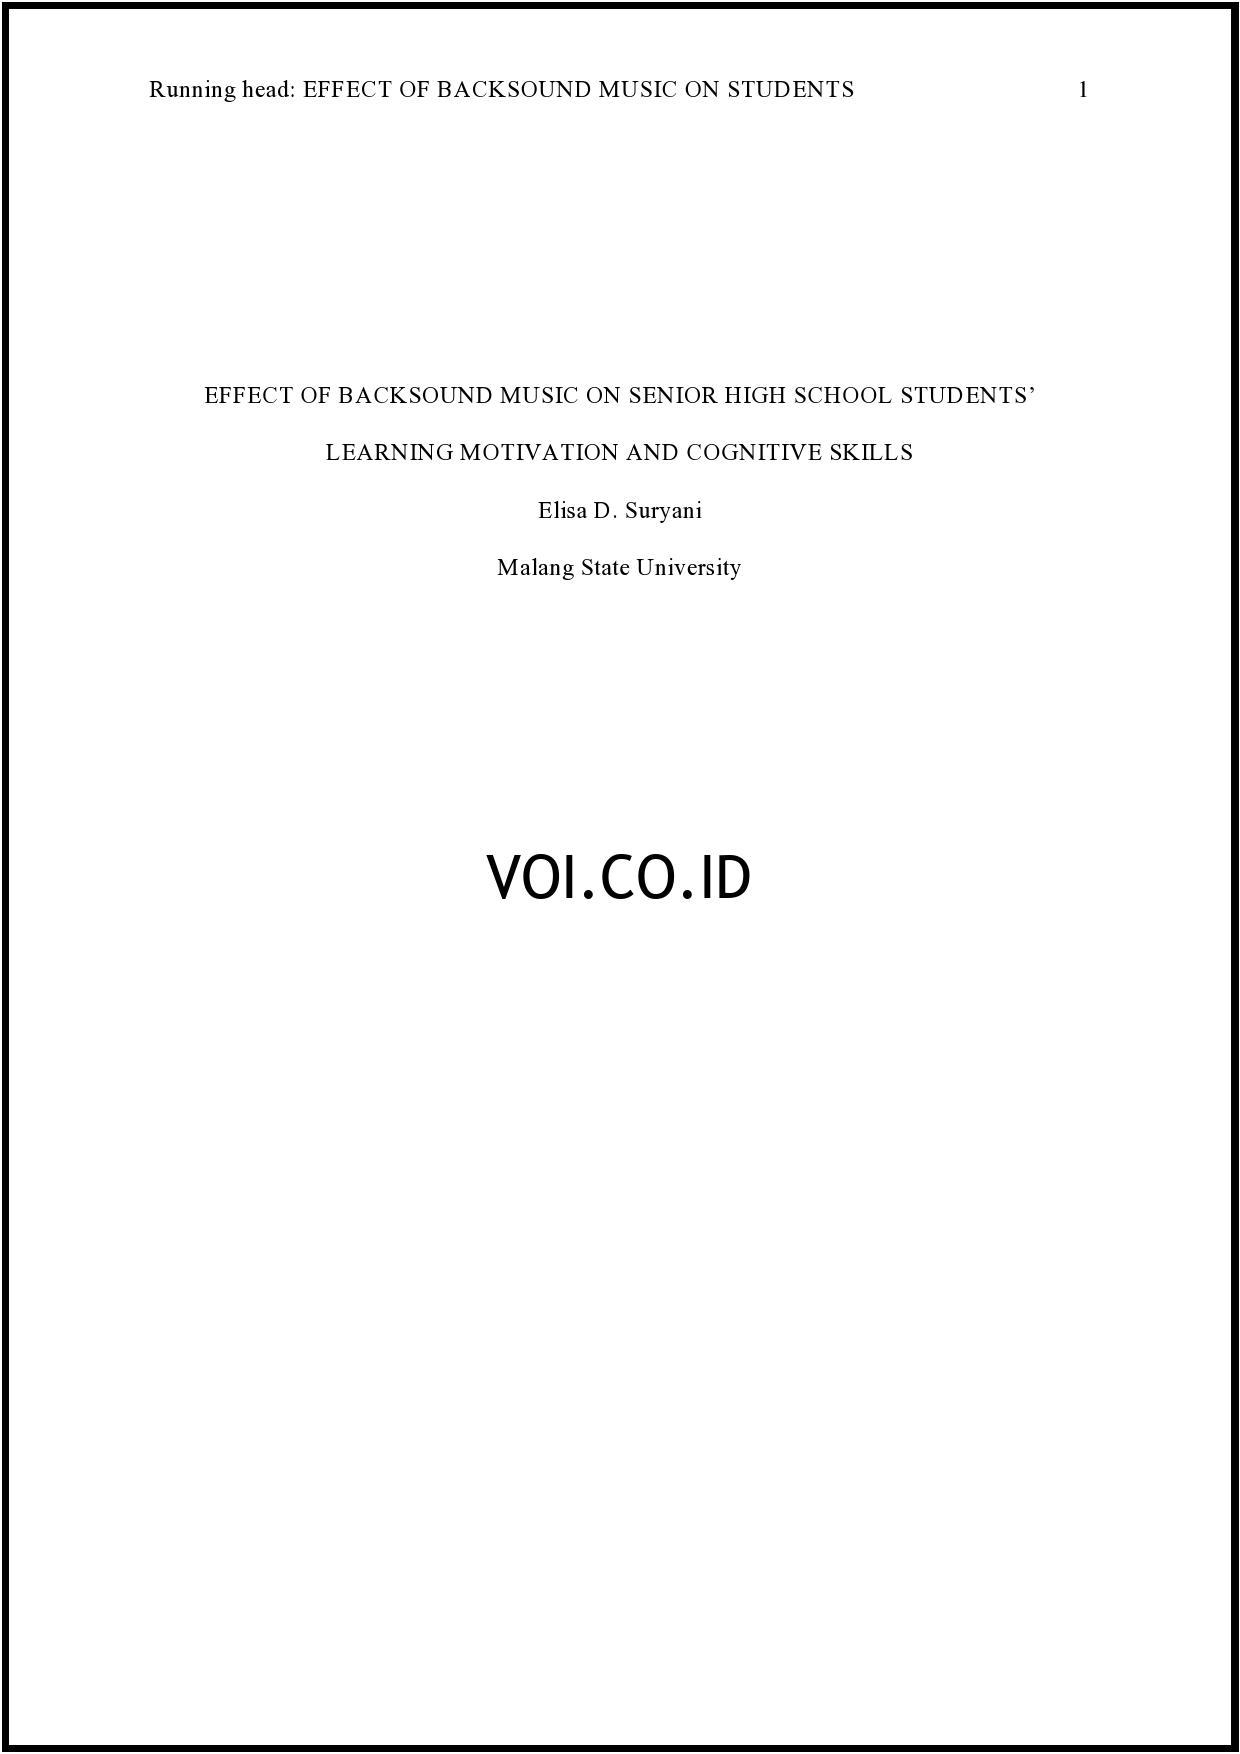 Contoh-Cover-Makalah-Bahasa-Inggris-APA